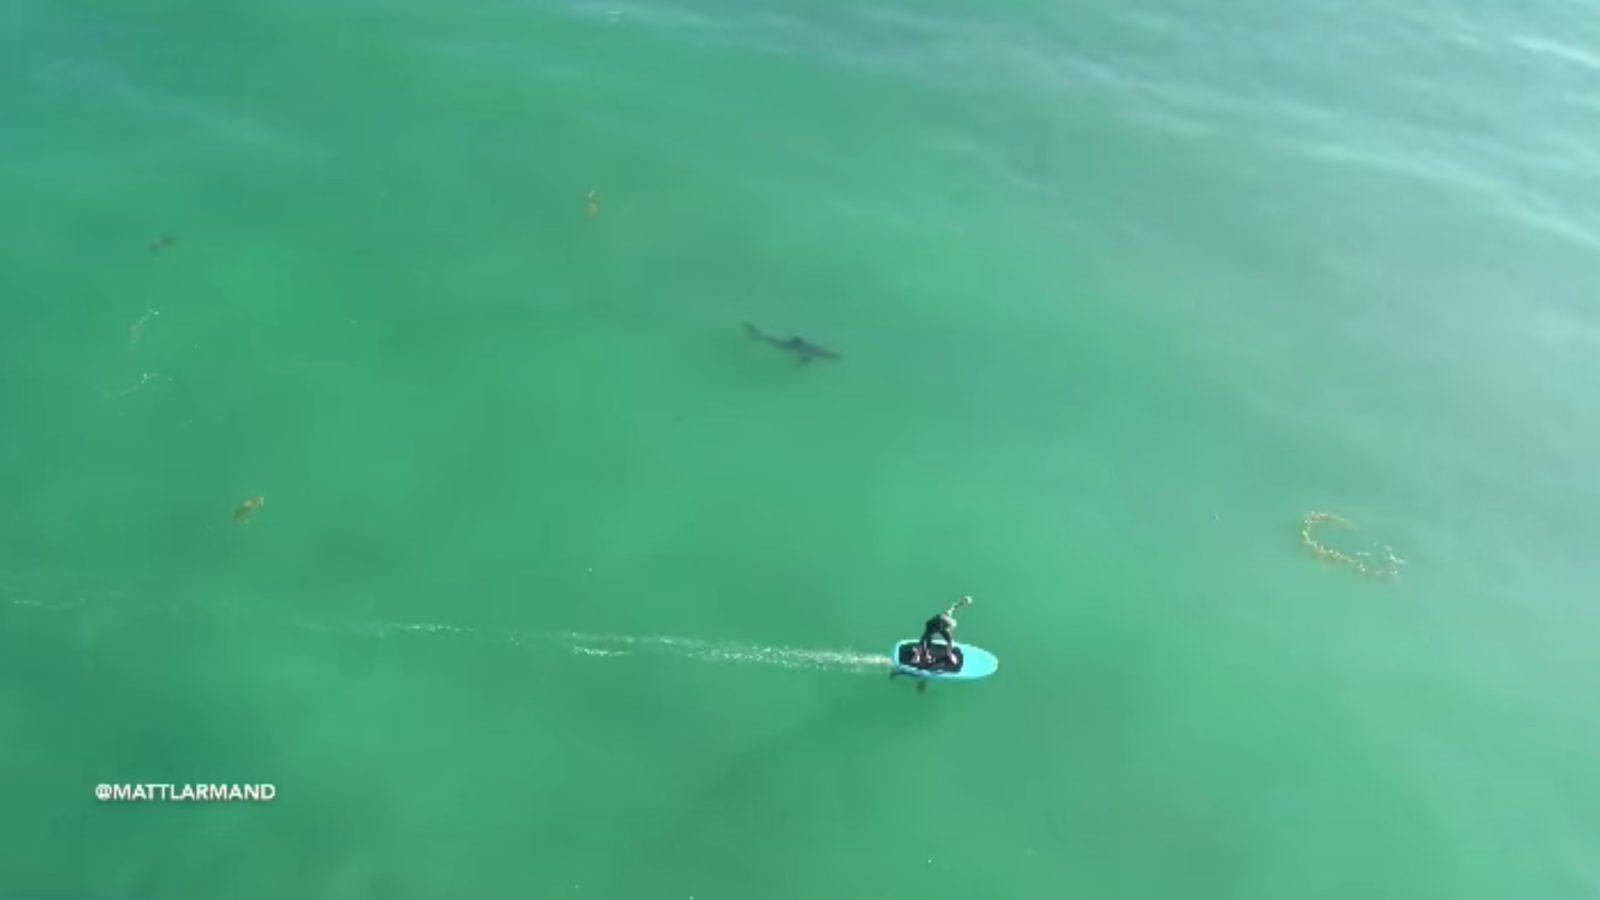 Shark-Surfer-Foil-Drone.jpg